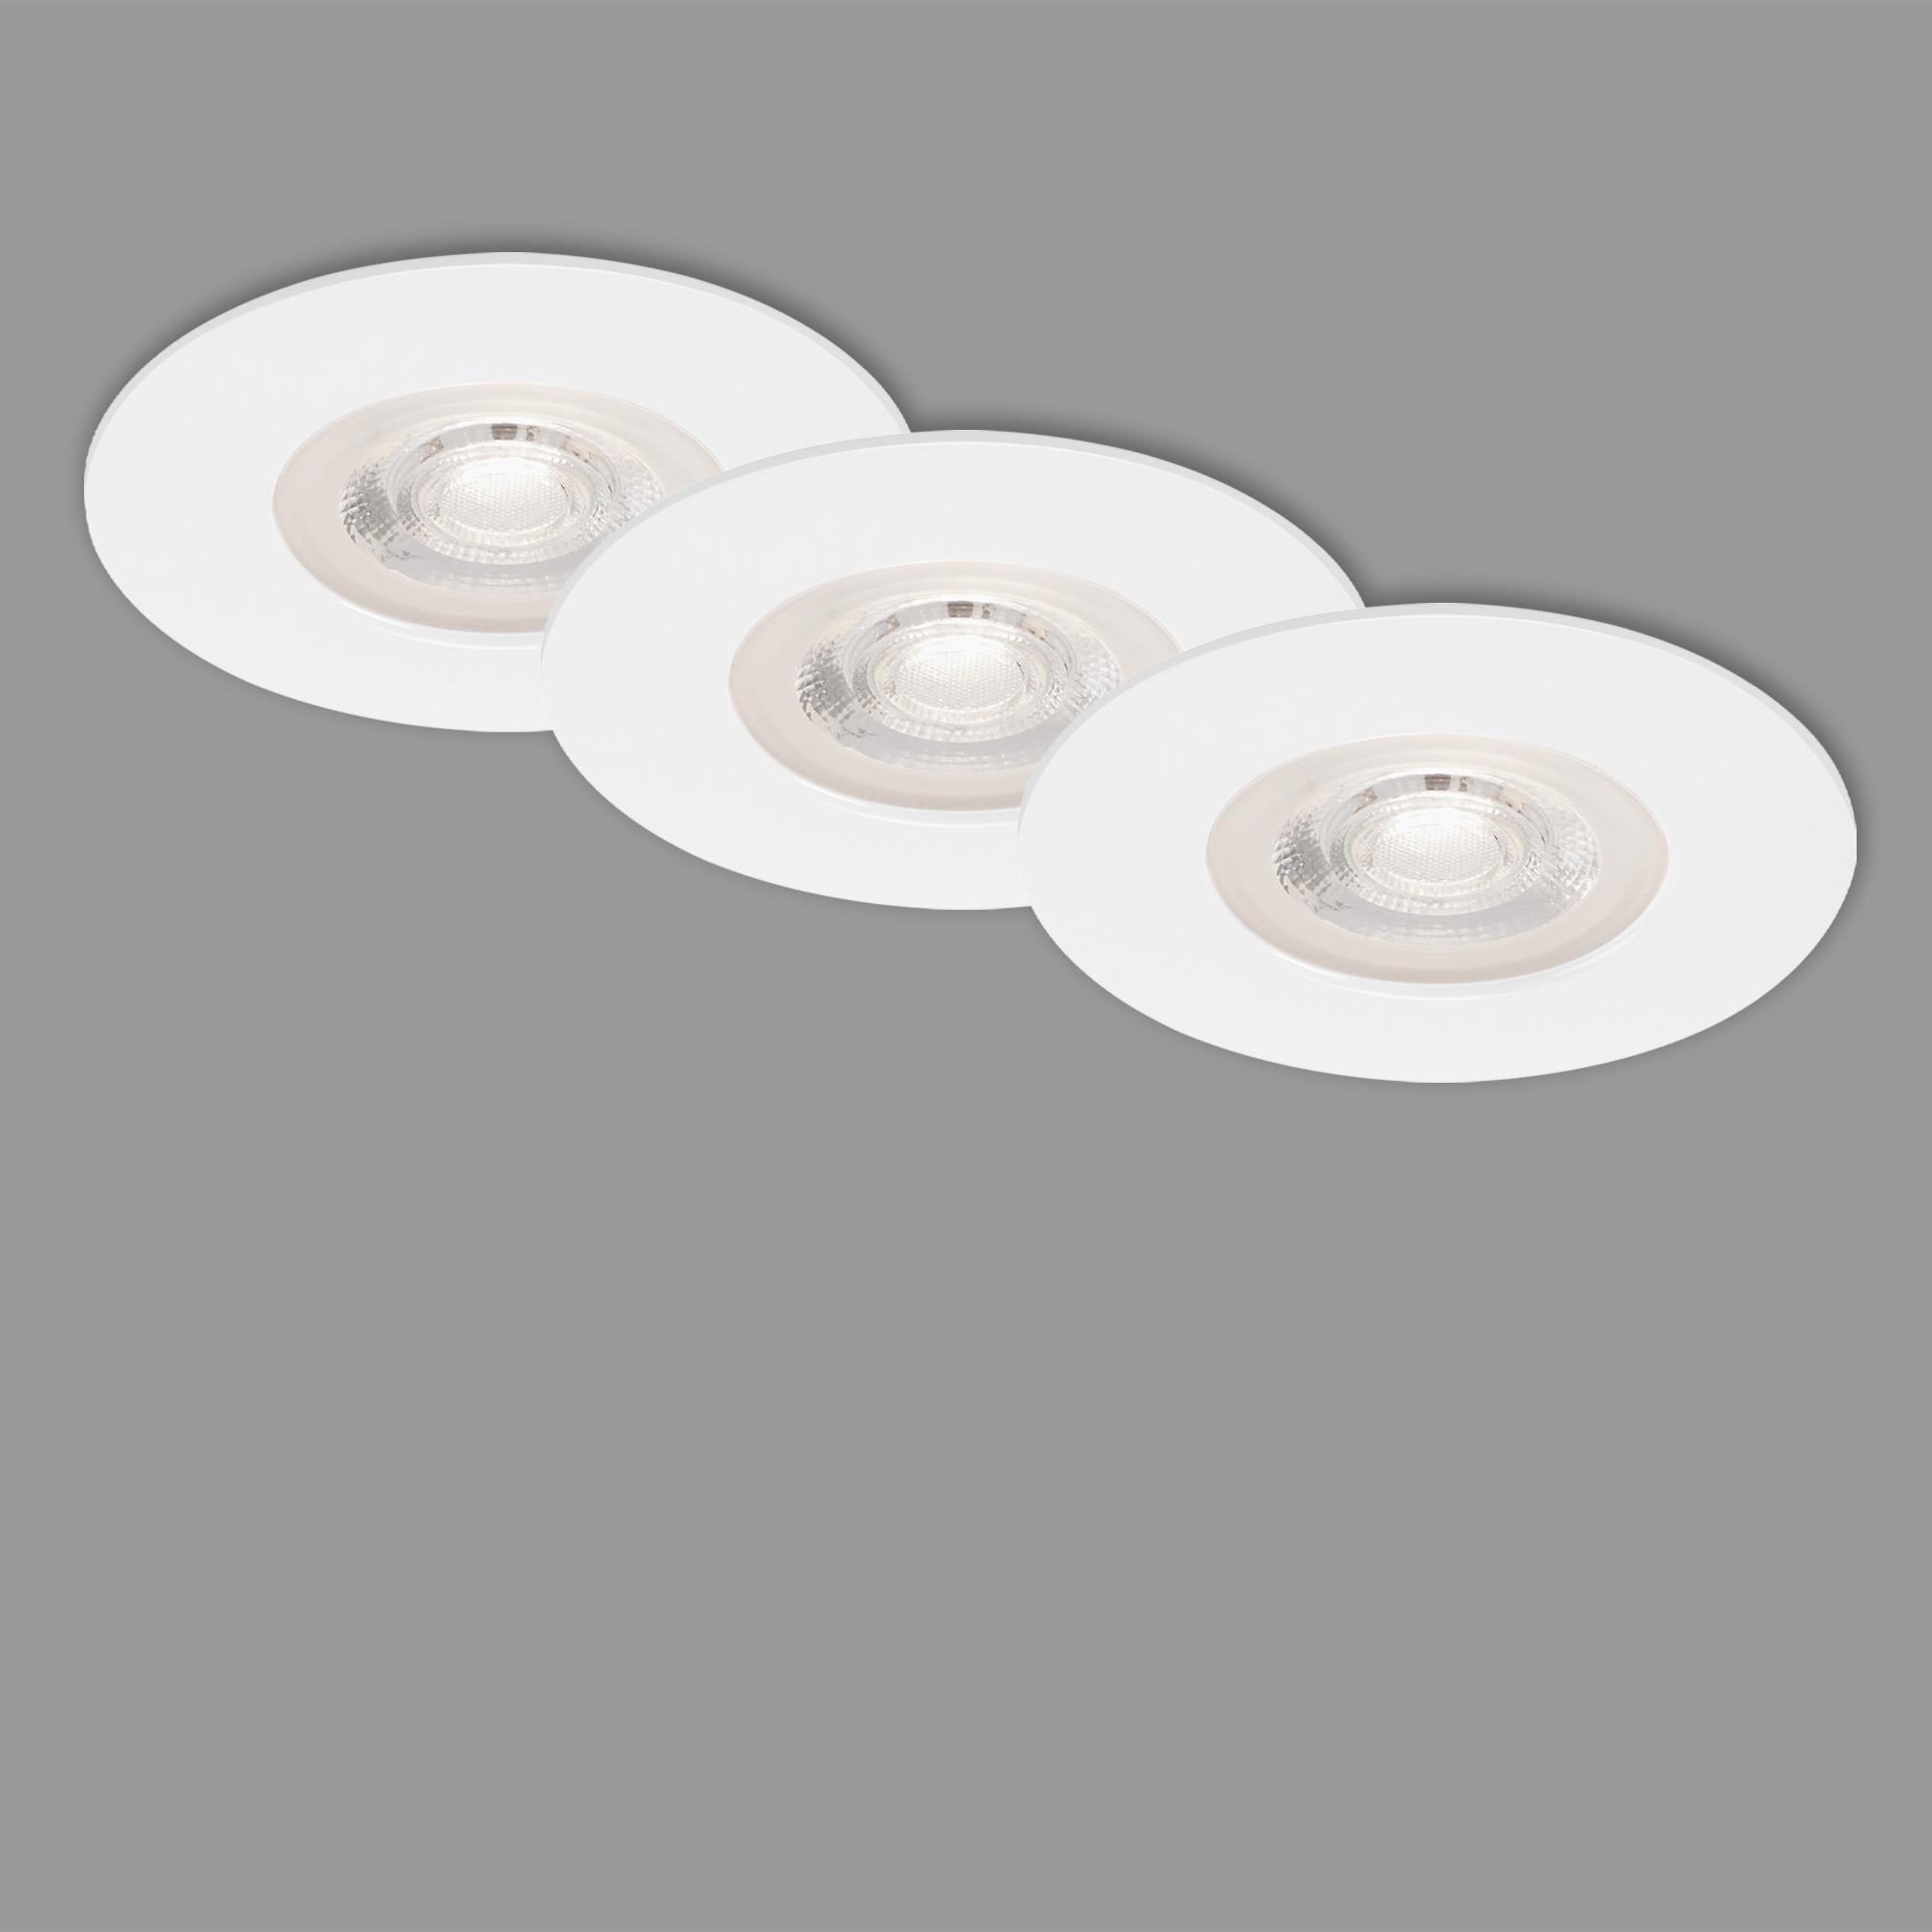 3er Set LED Einbauleuchte, Ø 9 cm, 5 W, Weiss